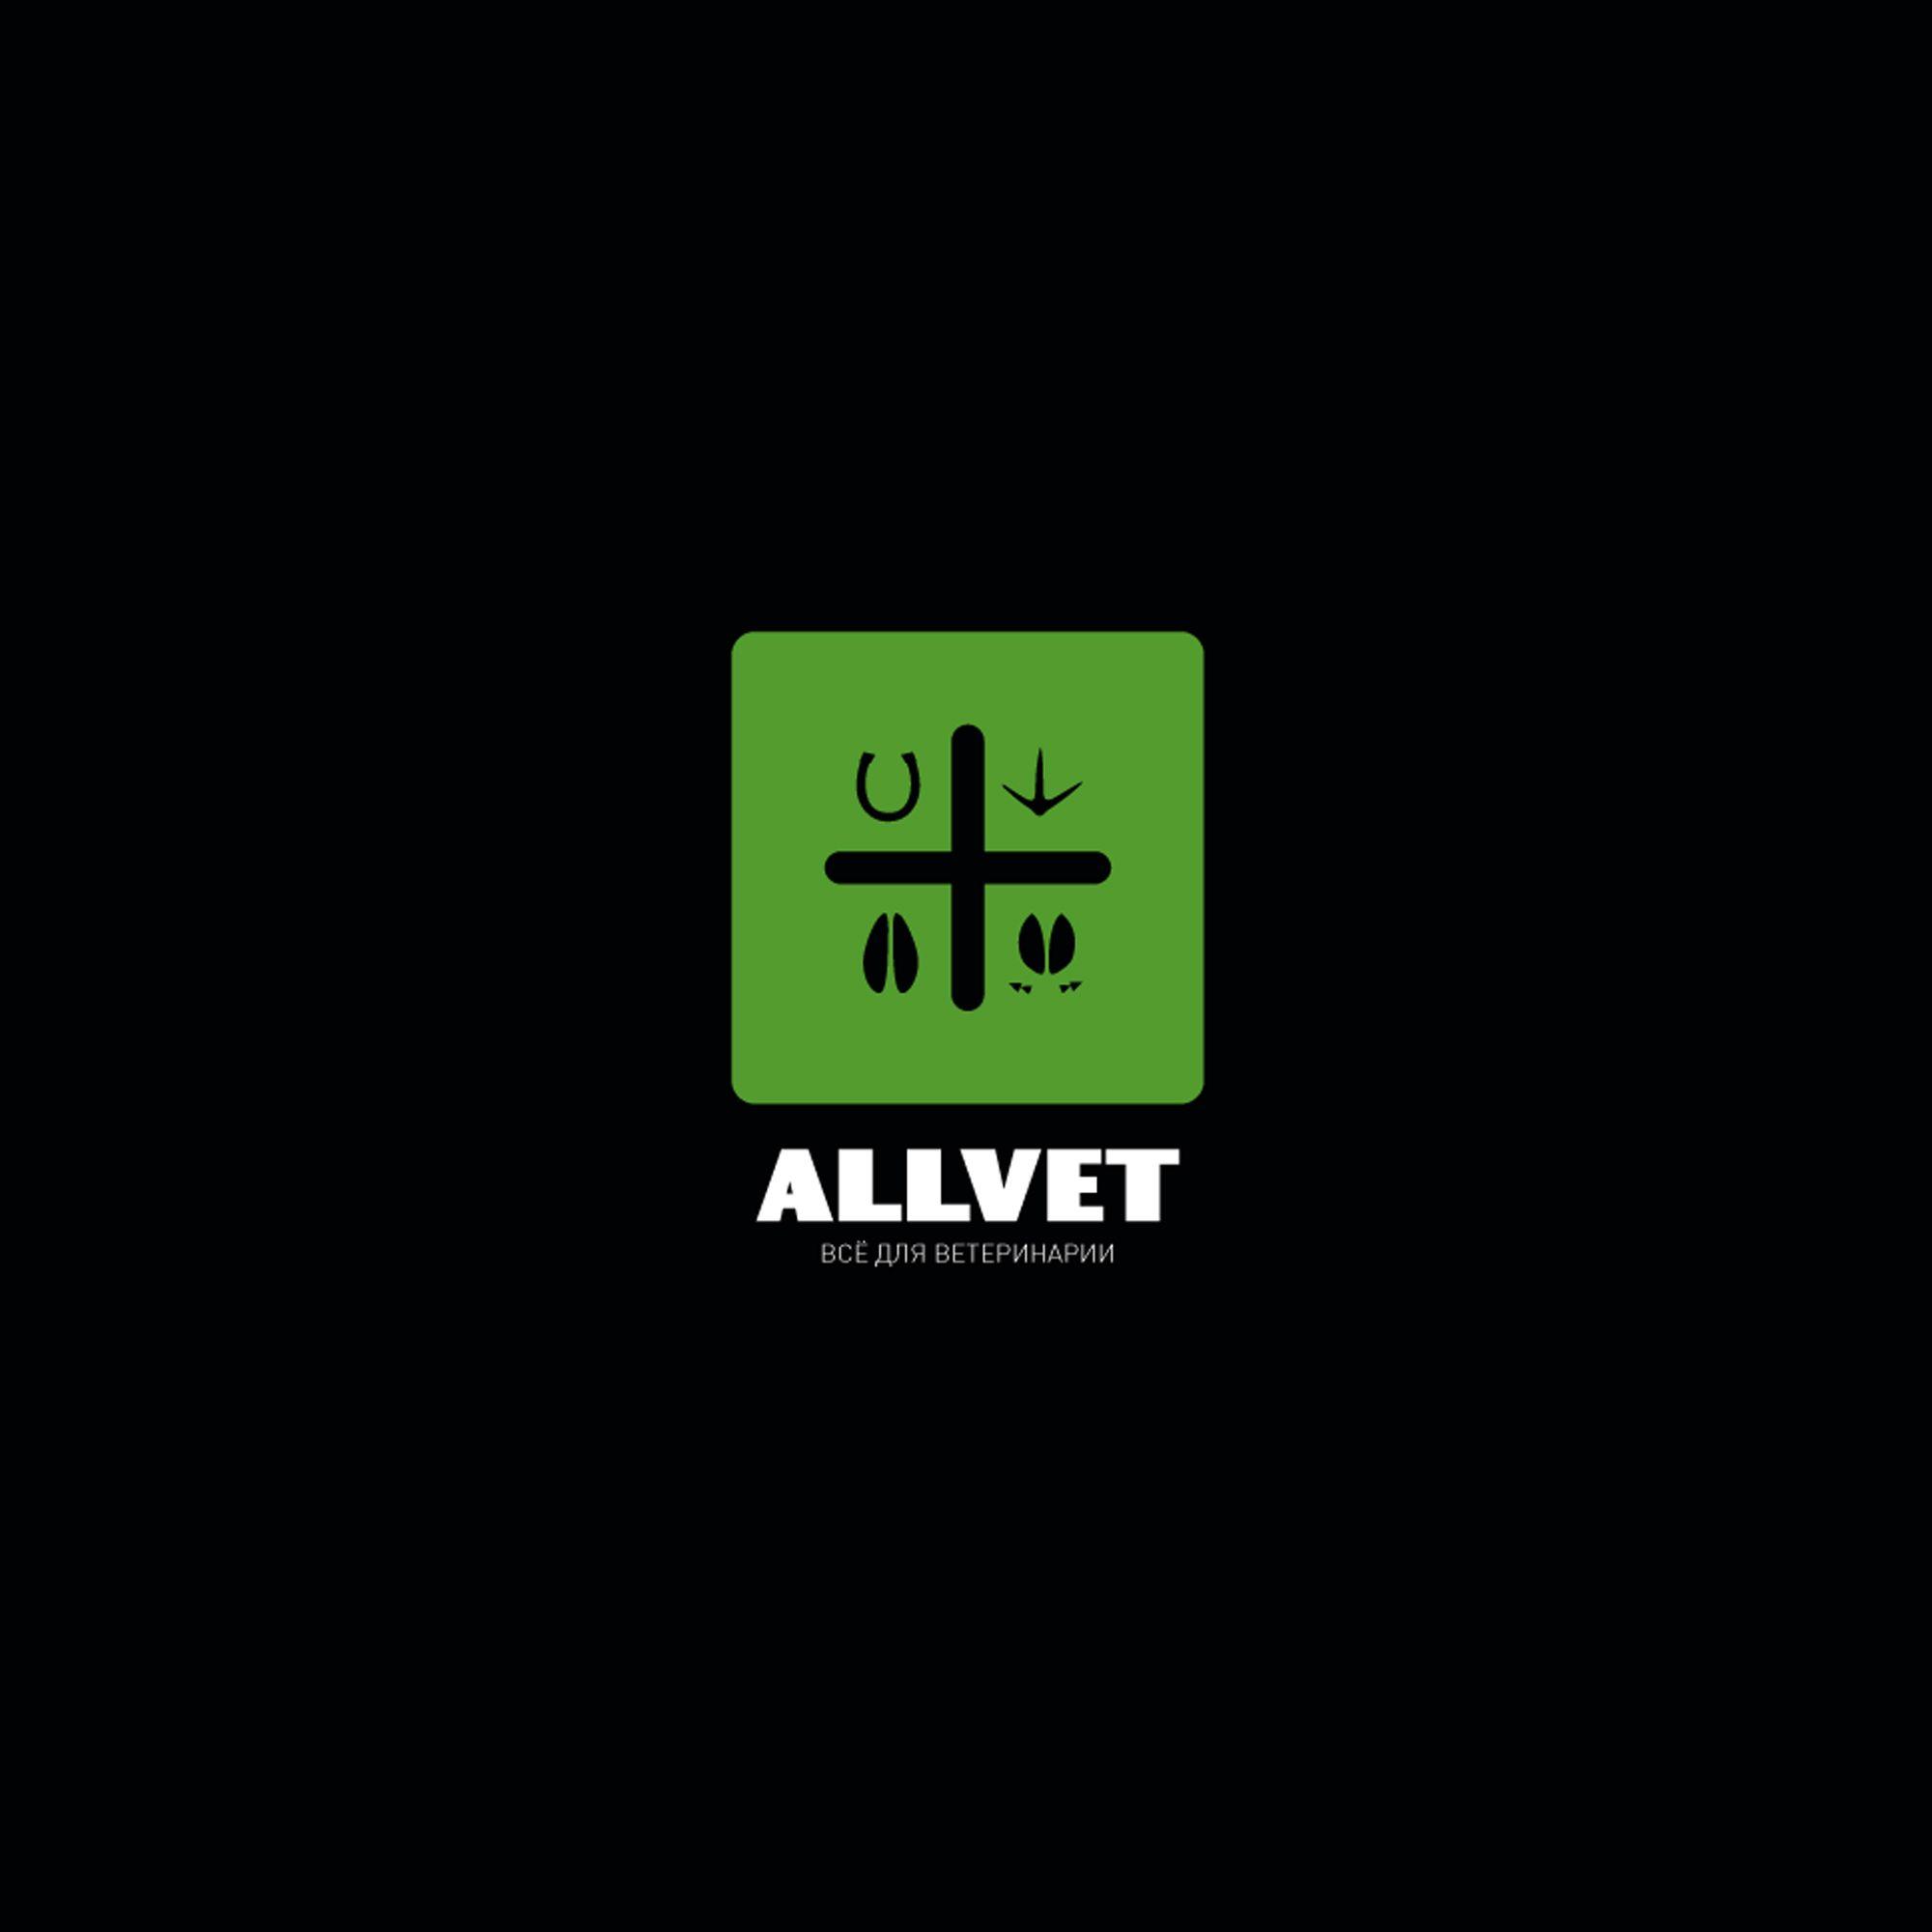 Создание логотипа и стиля ветеринарной компании - дизайнер DSES